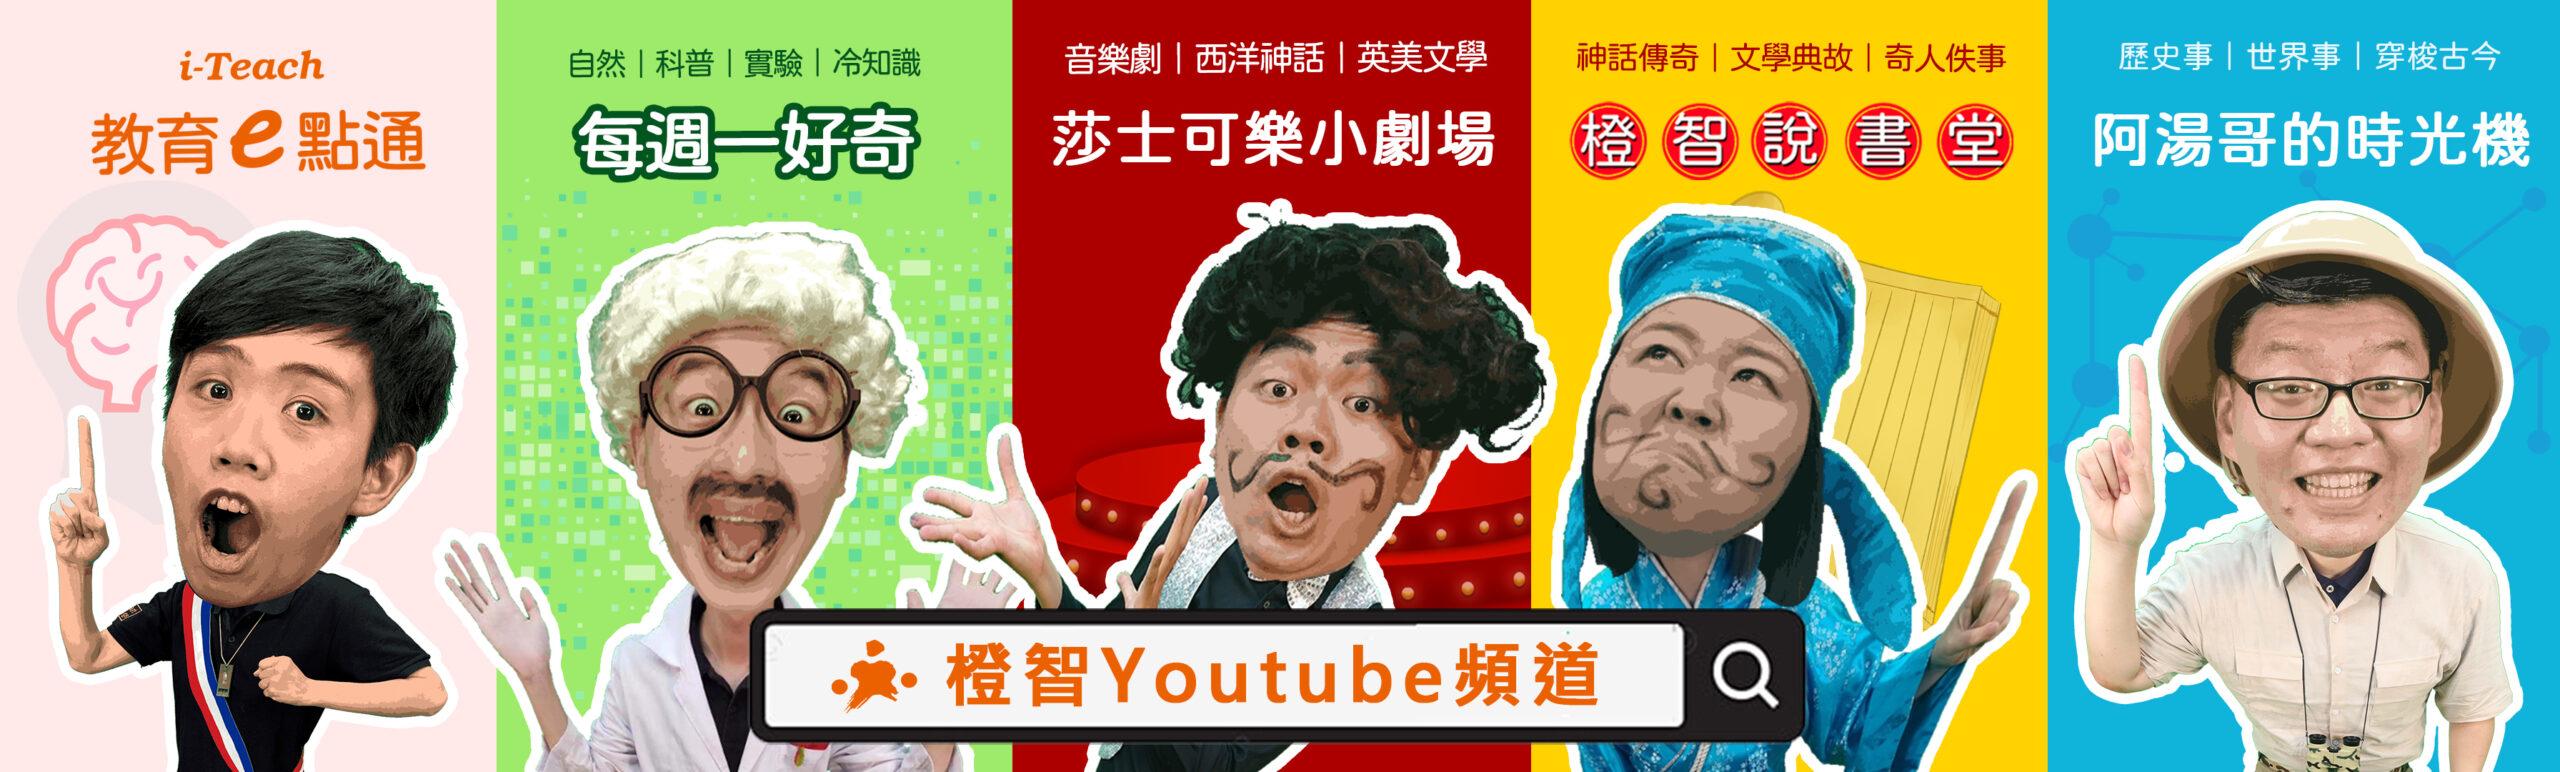 「 橙智Youtube頻道 」值得分享的教育教養線上智庫,歡迎訂閱分享!